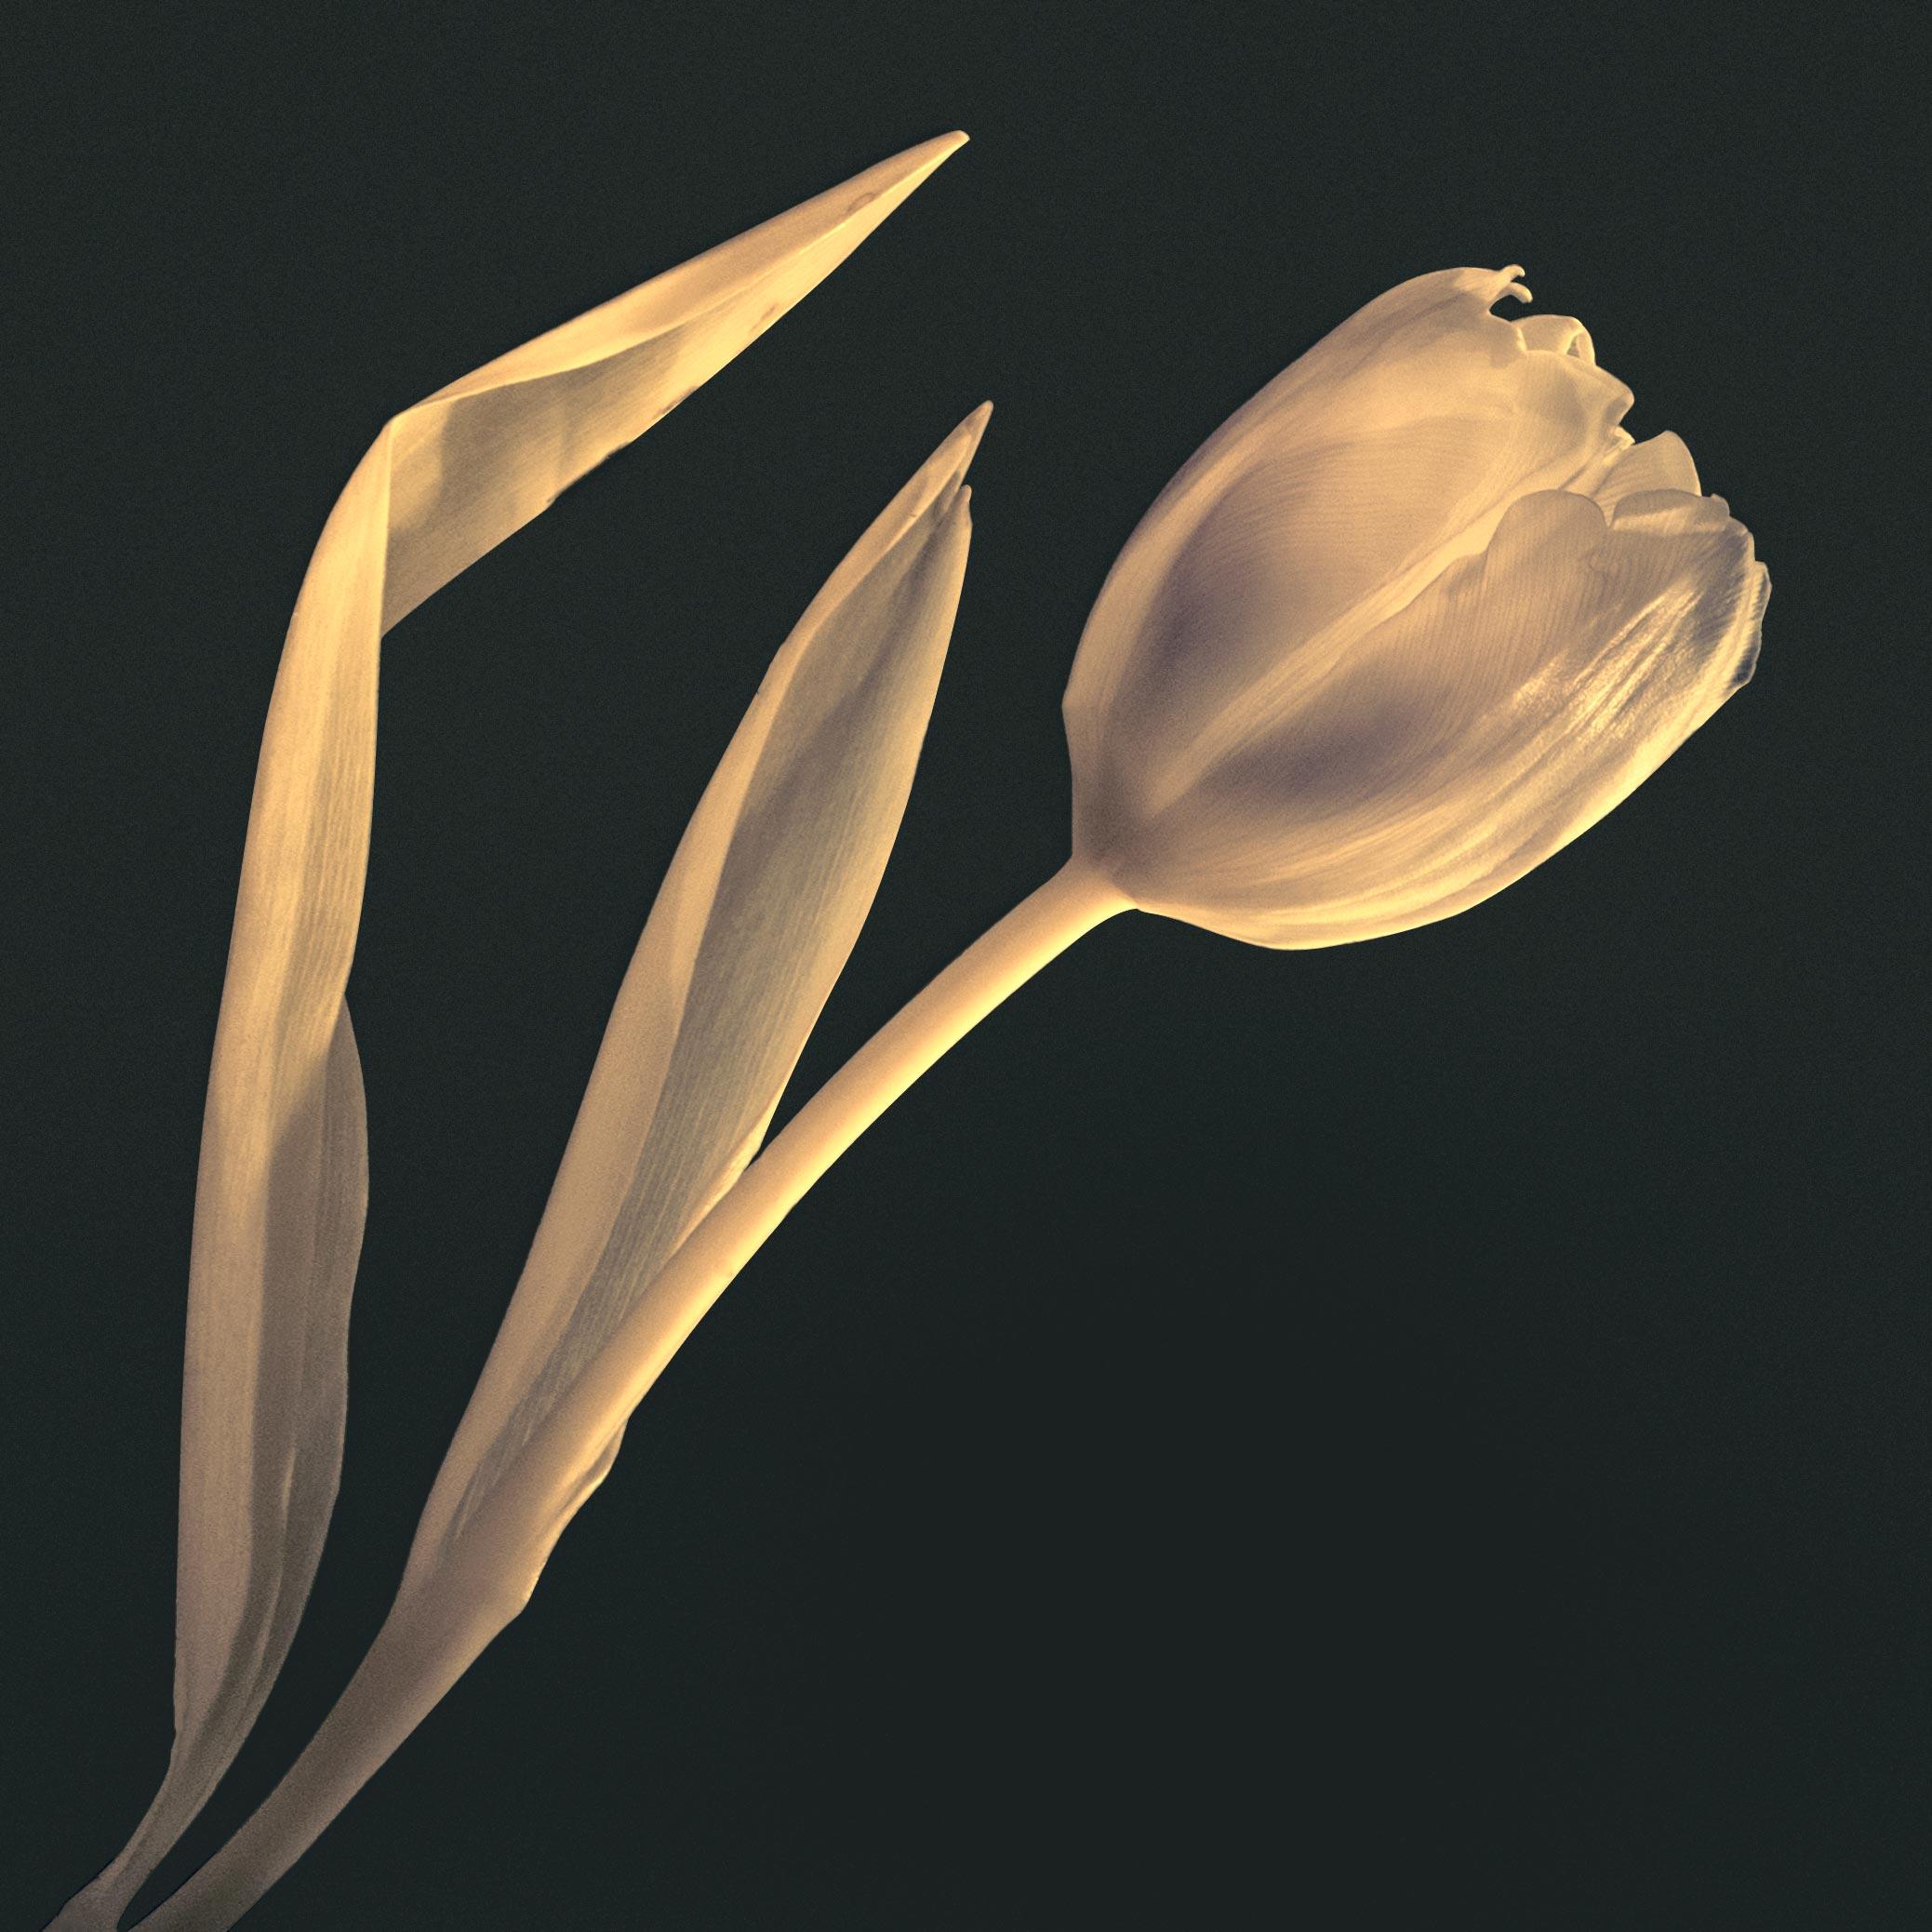 photographie d'une tulipe